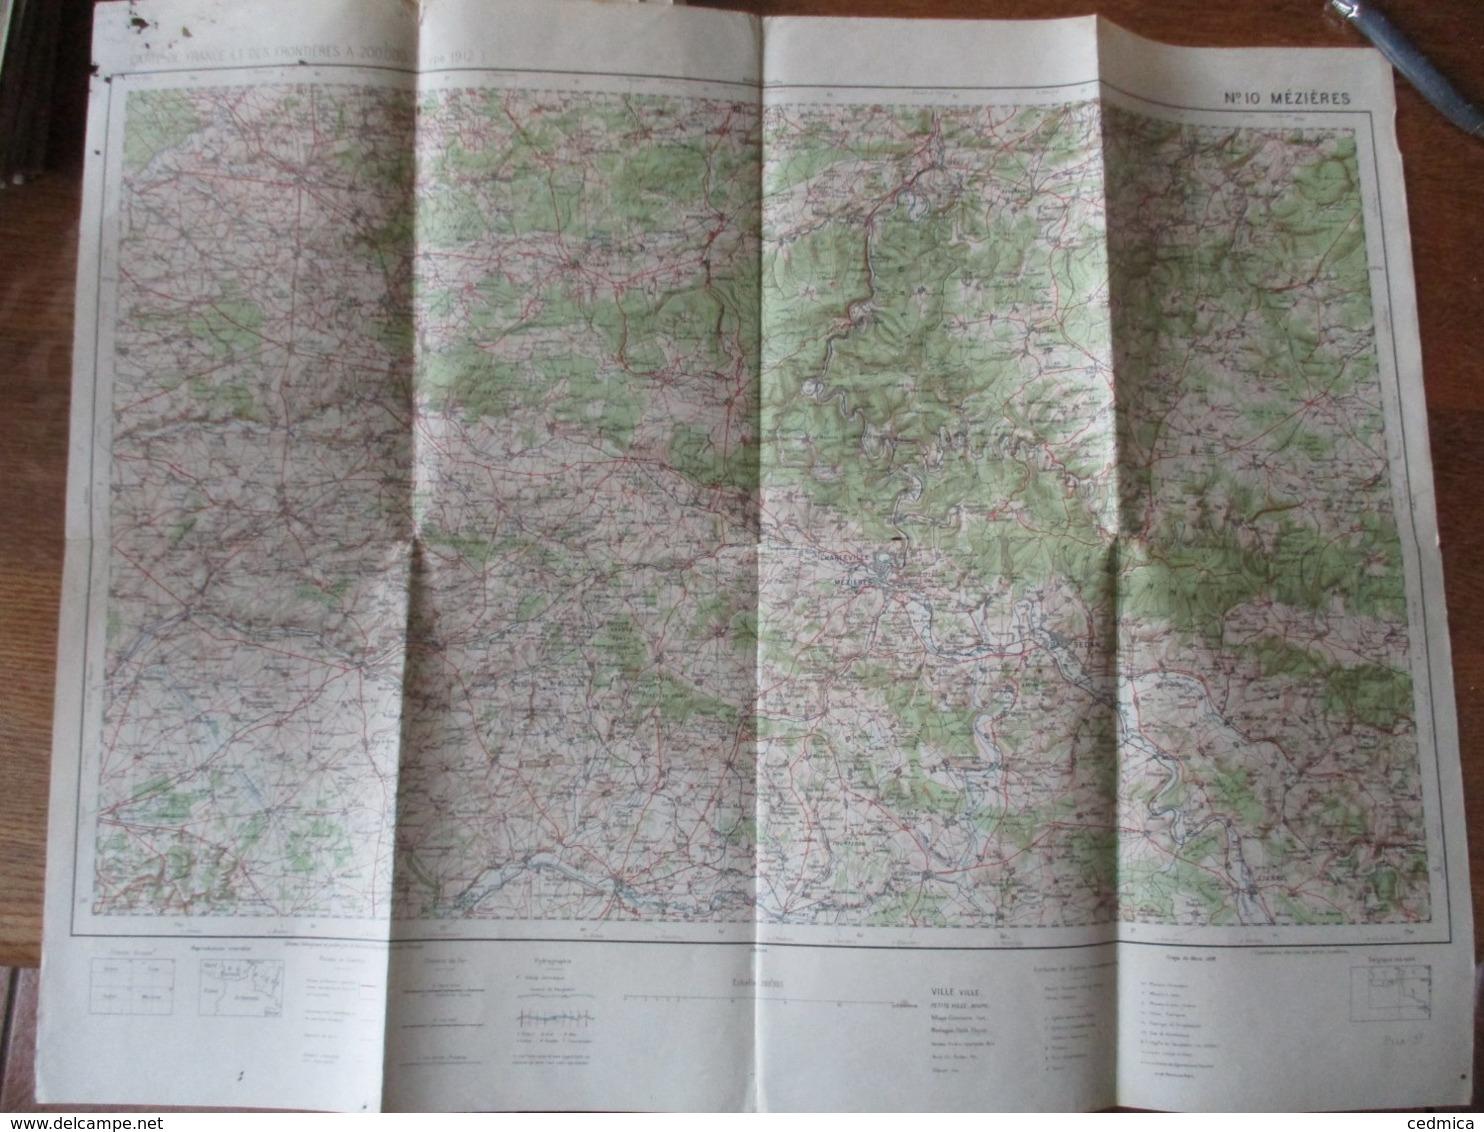 MEZIERES N° 10 TIRAGE DE MARS 1926 68cm/53cm CARTE DE FRANCE ET DES FRONTIERES A 1/200 000 (TYPE 1912) - Topographical Maps